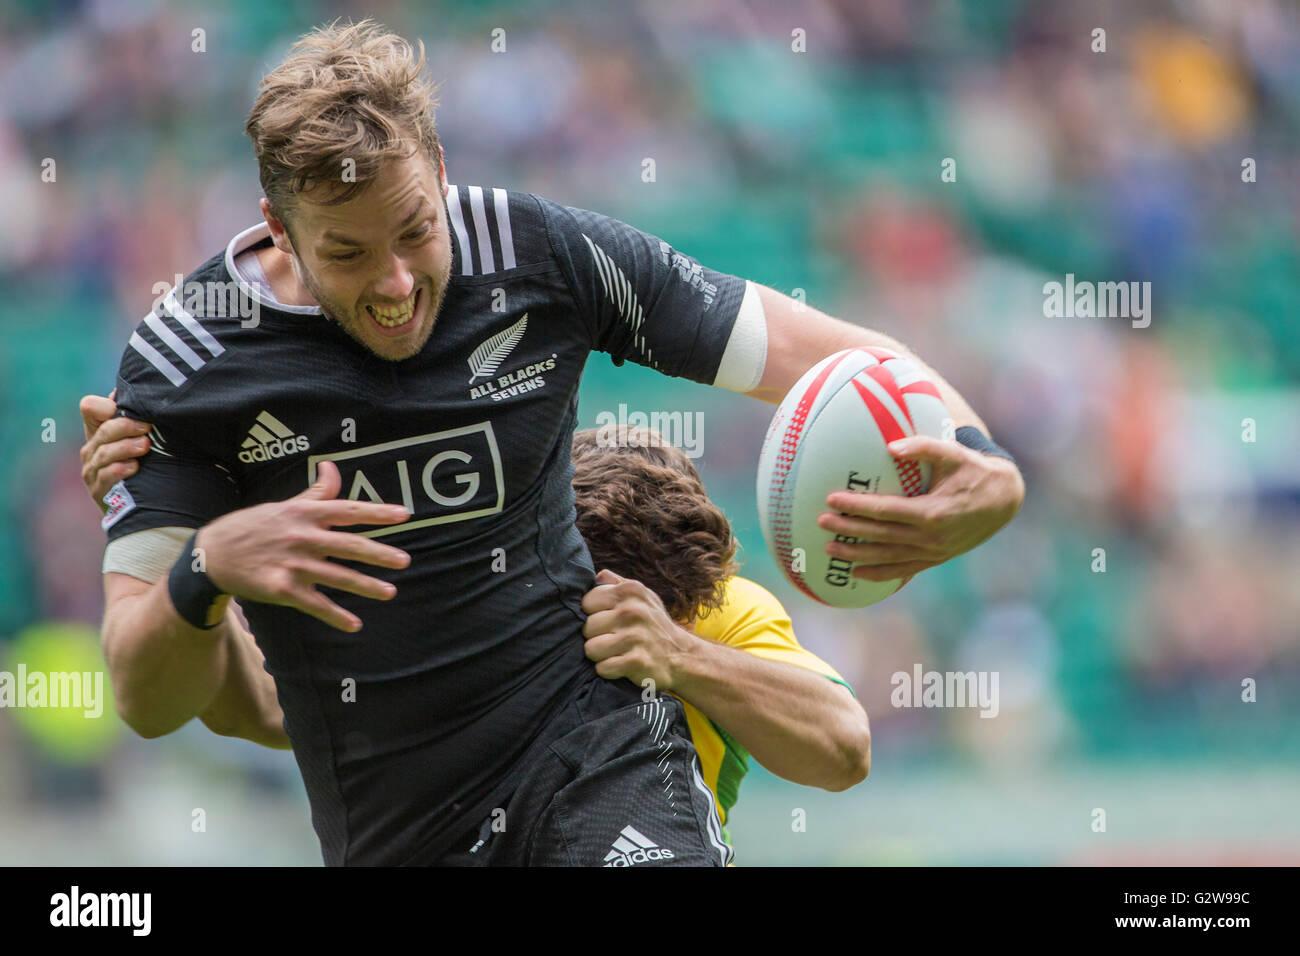 Londra, Gran Bretagna. 21 Maggio, 2016. Tim Mikkelson (Nuova Zelanda) in azione durante la HSBC London Sevens Rugby Immagini Stock